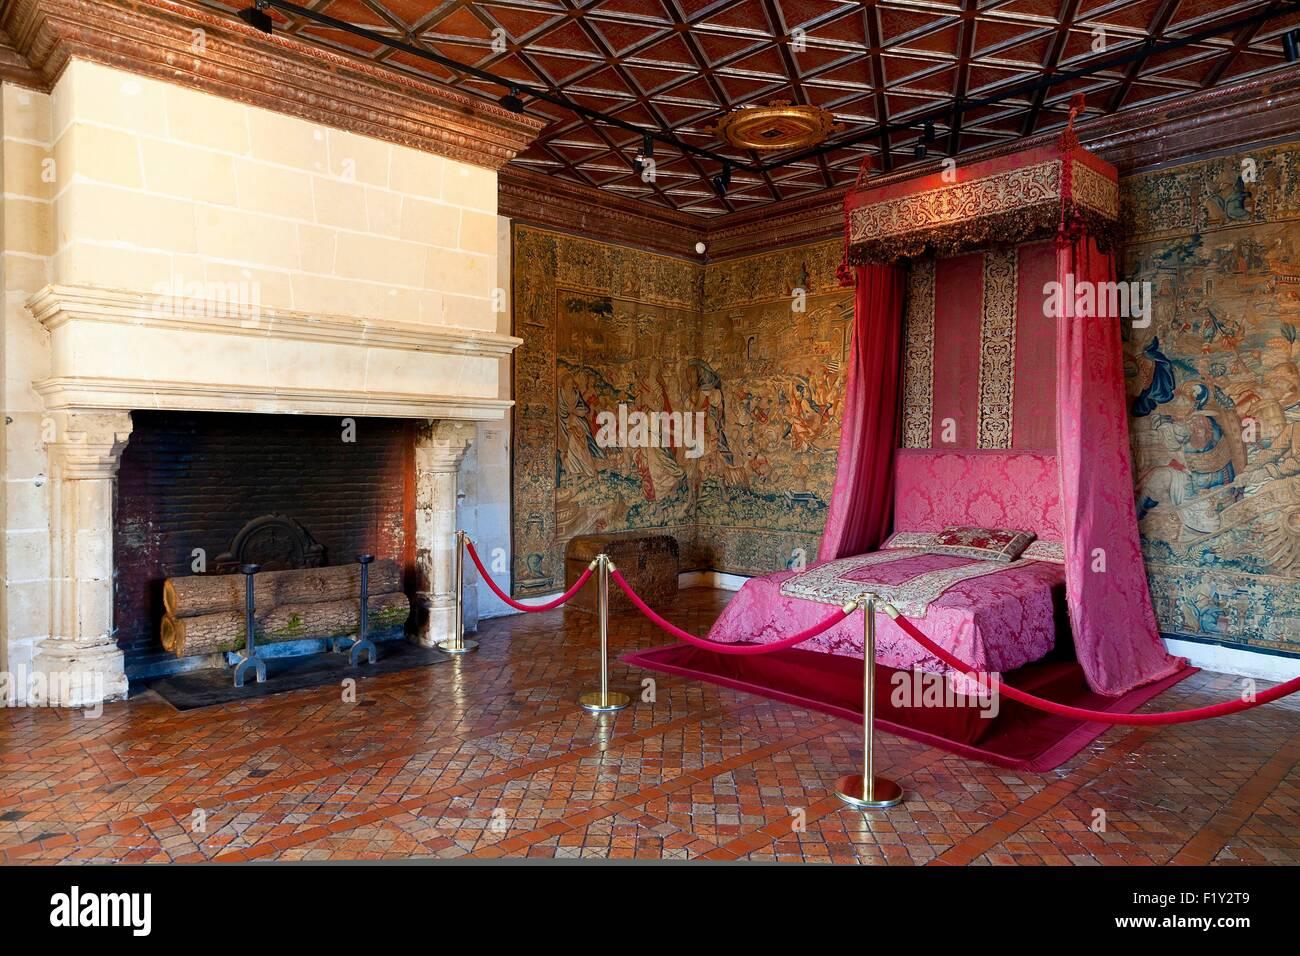 Exceptionnel France, Indre Et Loire, Chenonceau Castle, The Five Queenu0027s Bedroom   Stock  Image